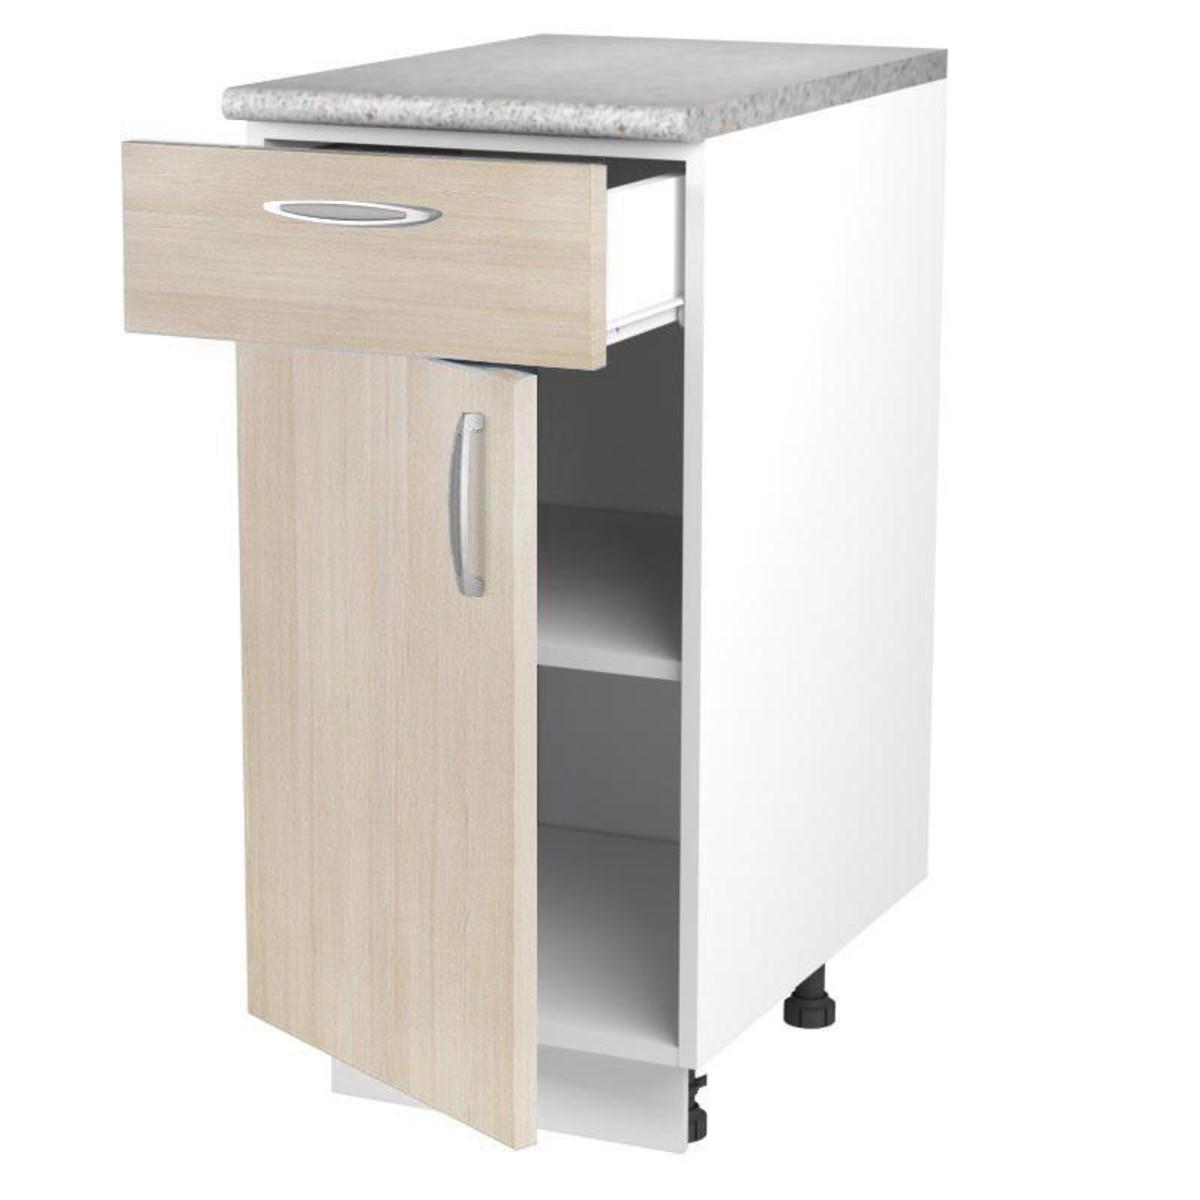 Шкаф напольный Сосна Карелия 40 см